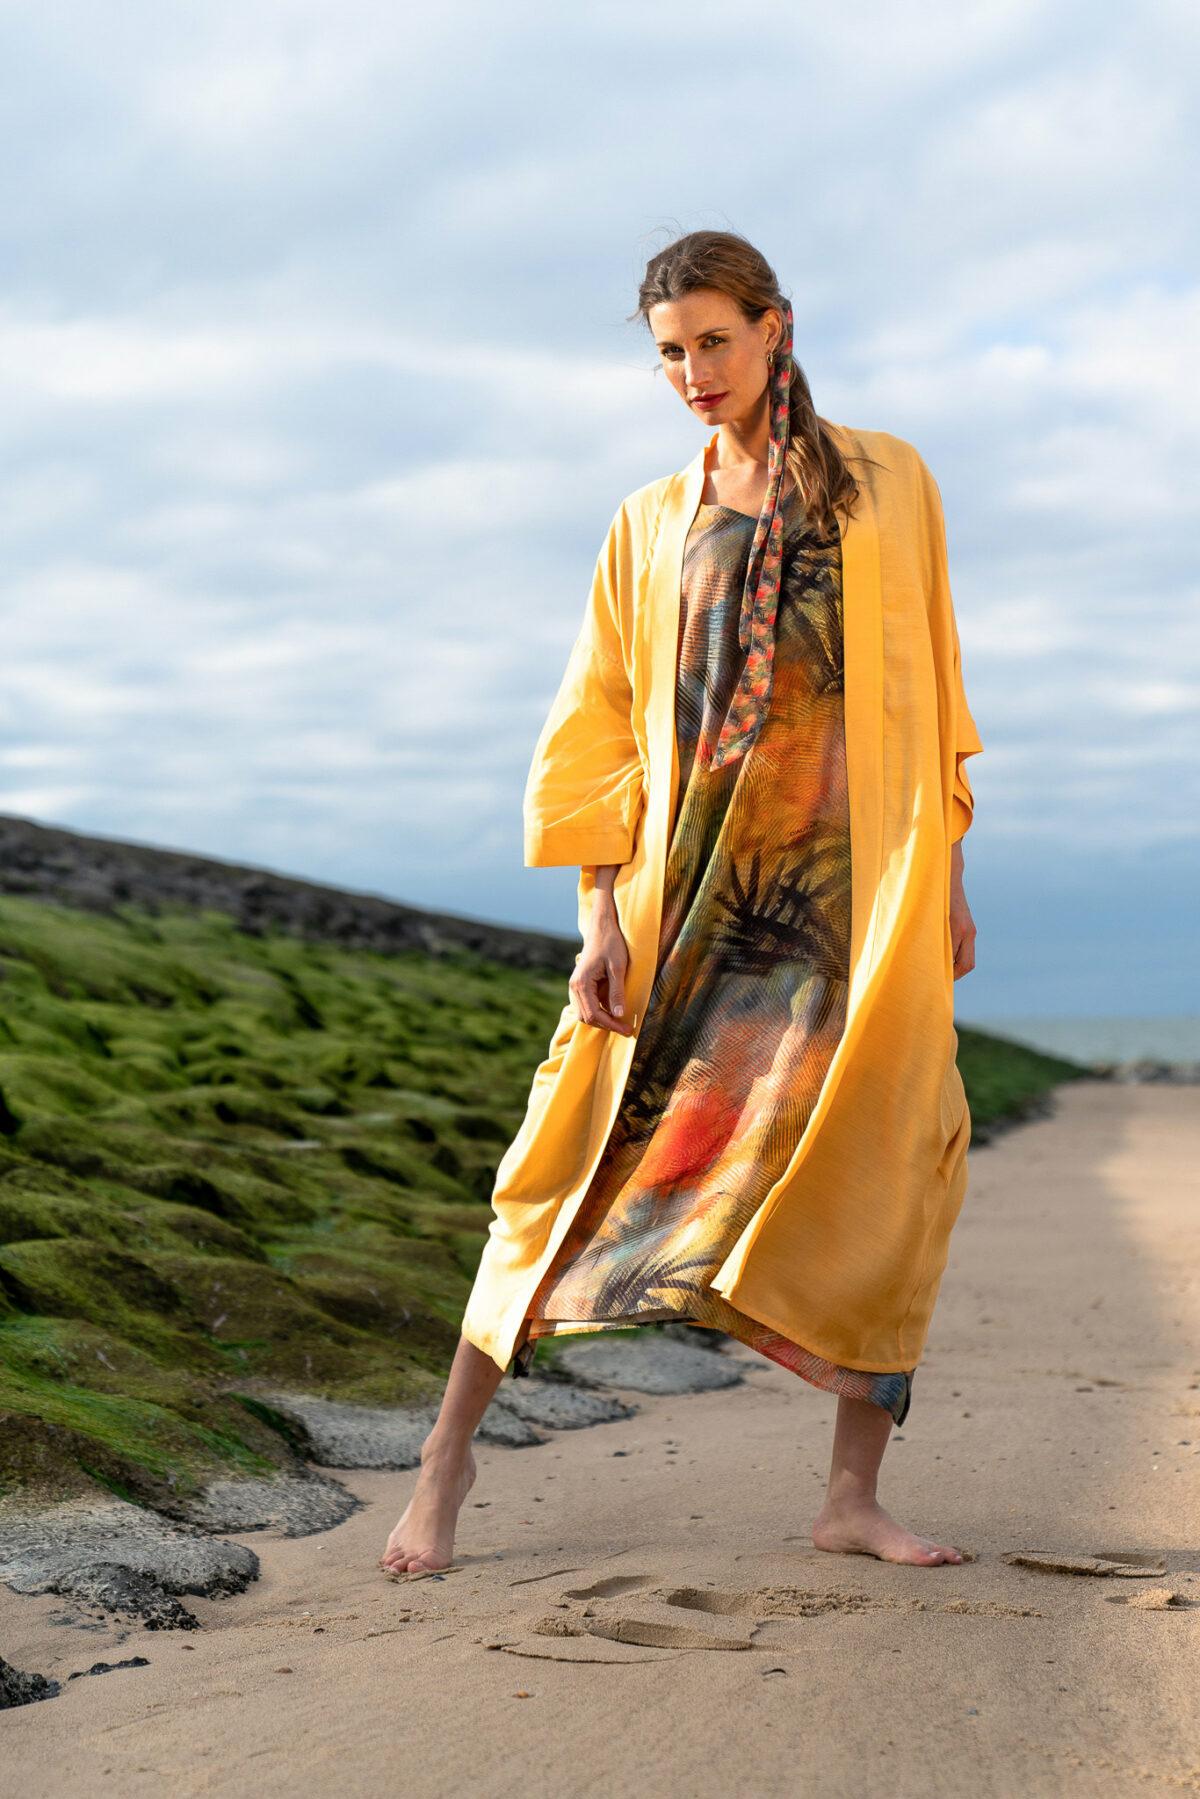 woman with yellow kimono